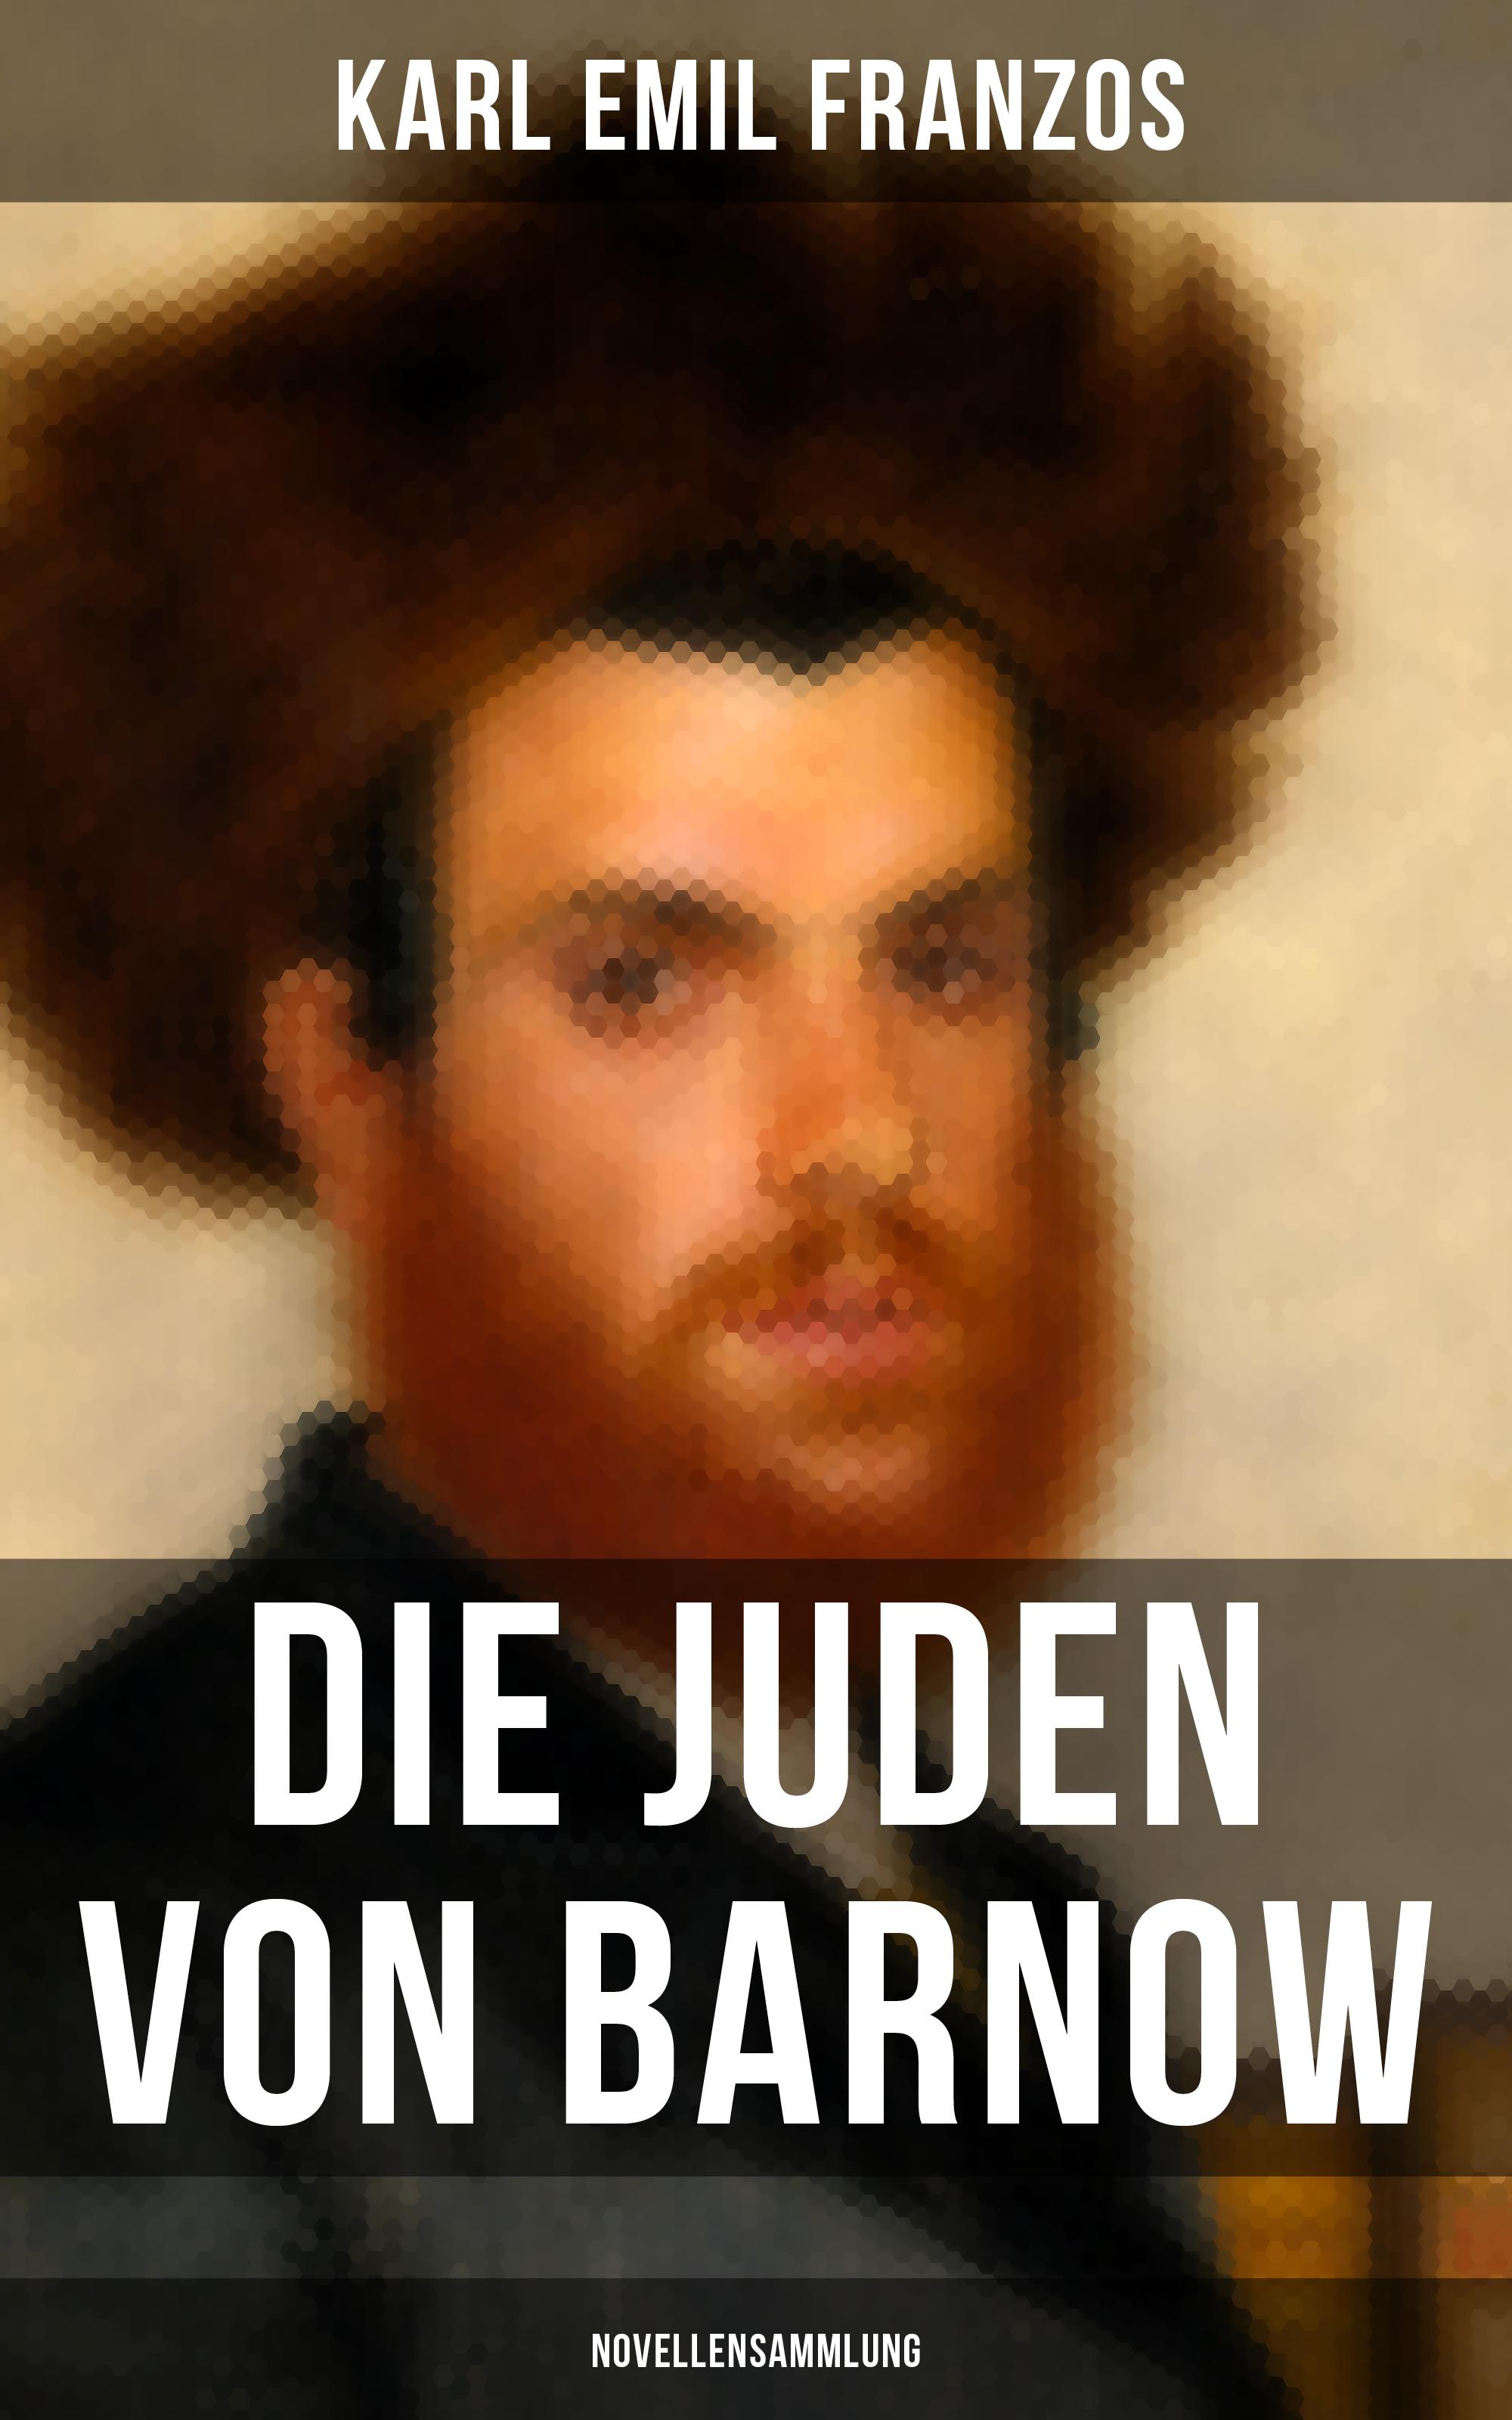 Karl Emil Franzos Die Juden von Barnow (Novellensammlung)